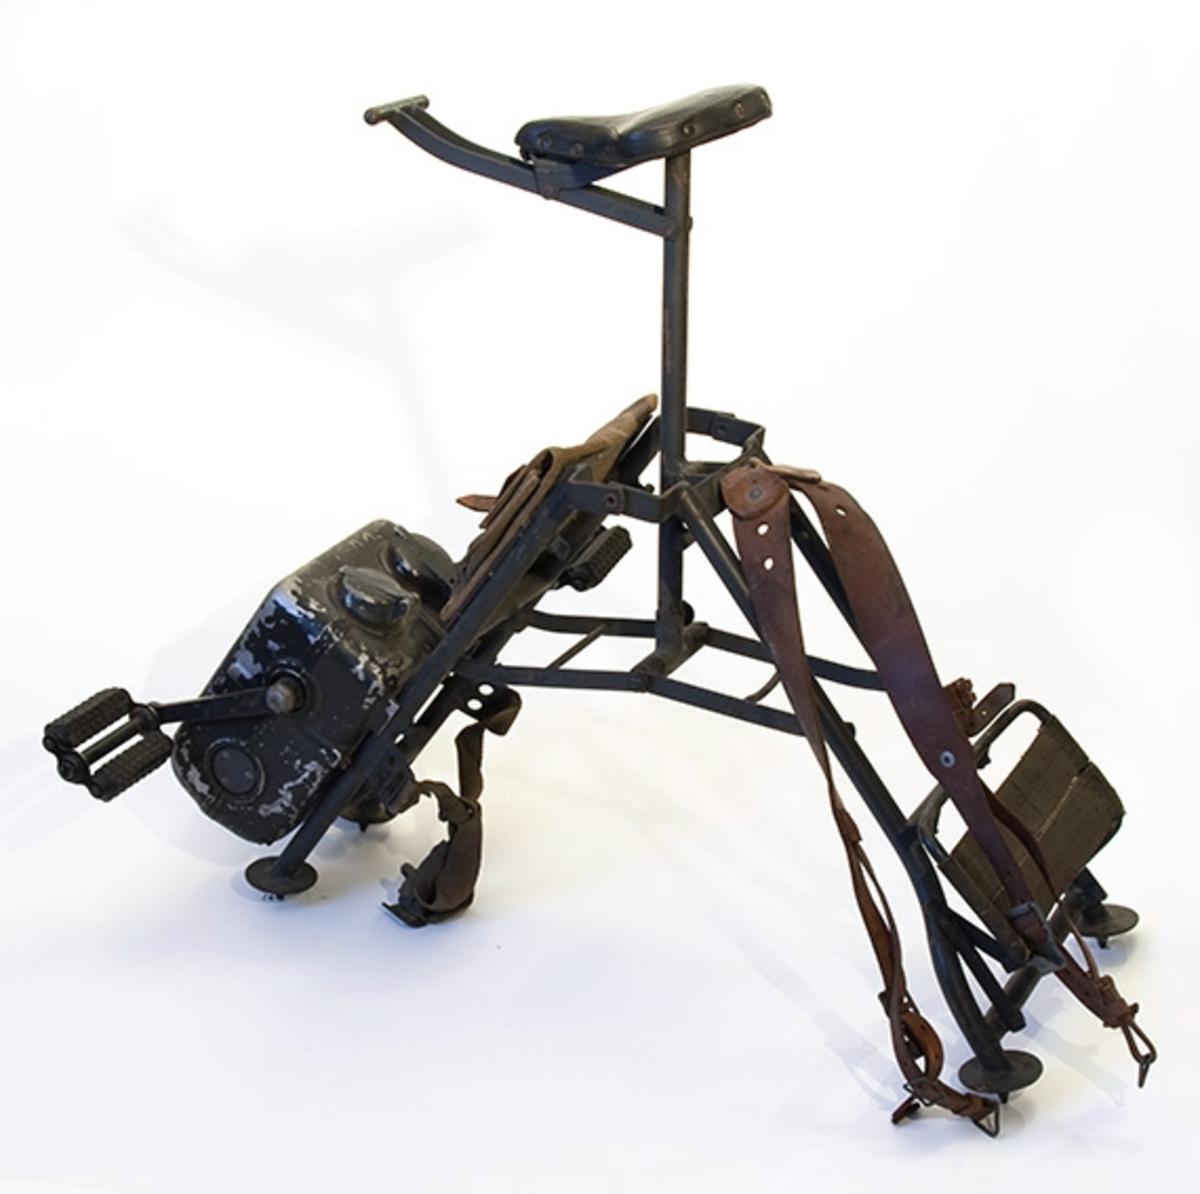 Tysk generatorsykkel fra 2. verdenskrig. Stativ med sete og pedaldrevet generator. Veske over generatoren. Syklen er sammenleggbar og har bæreremmer for transport som ryggsekk.